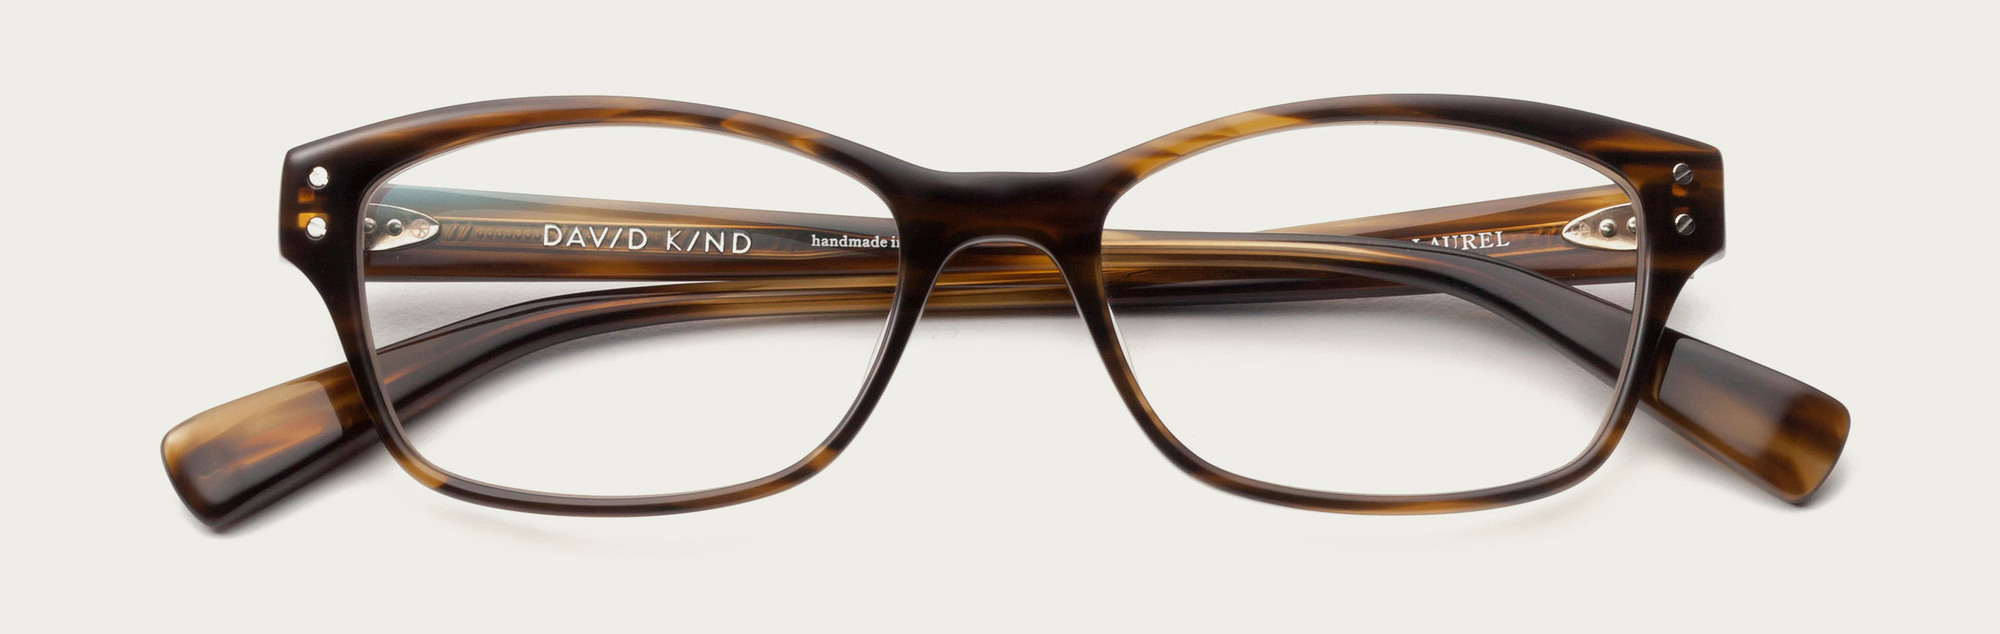 Eyeglasses Frames Try On : Laurel // DAVID KIND - Online eyewear, RX eyeglasses ...